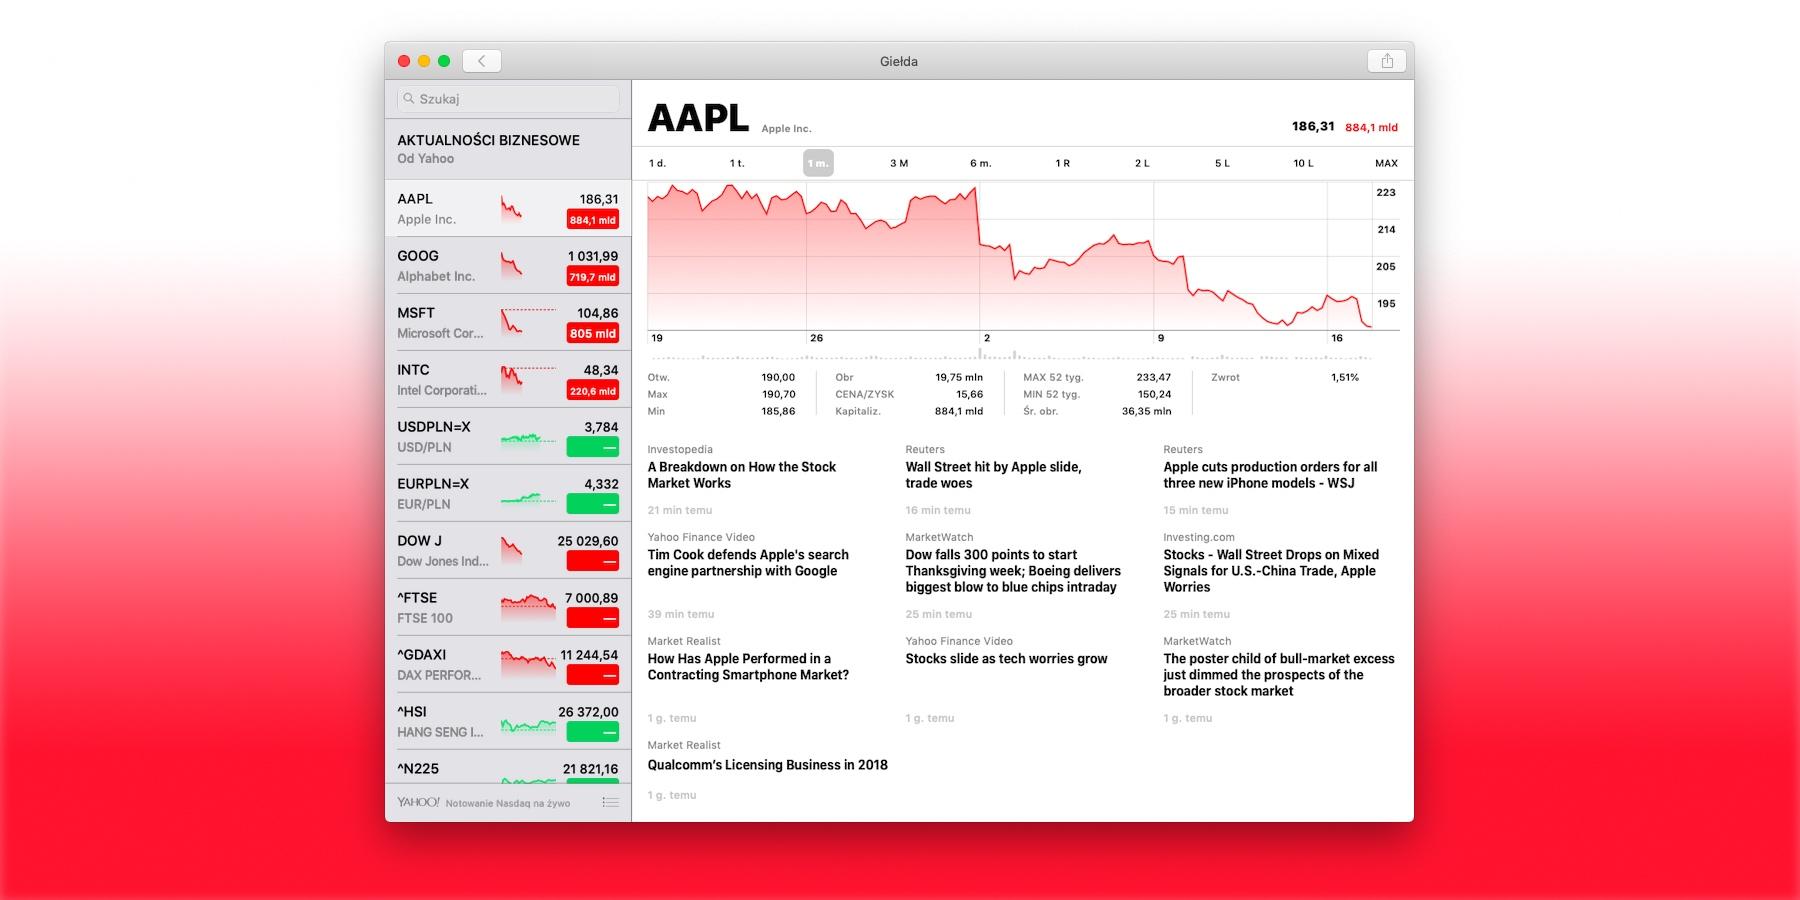 Sprzedaż iPhone'ów spada? Apple zmniejsza zamówienia?